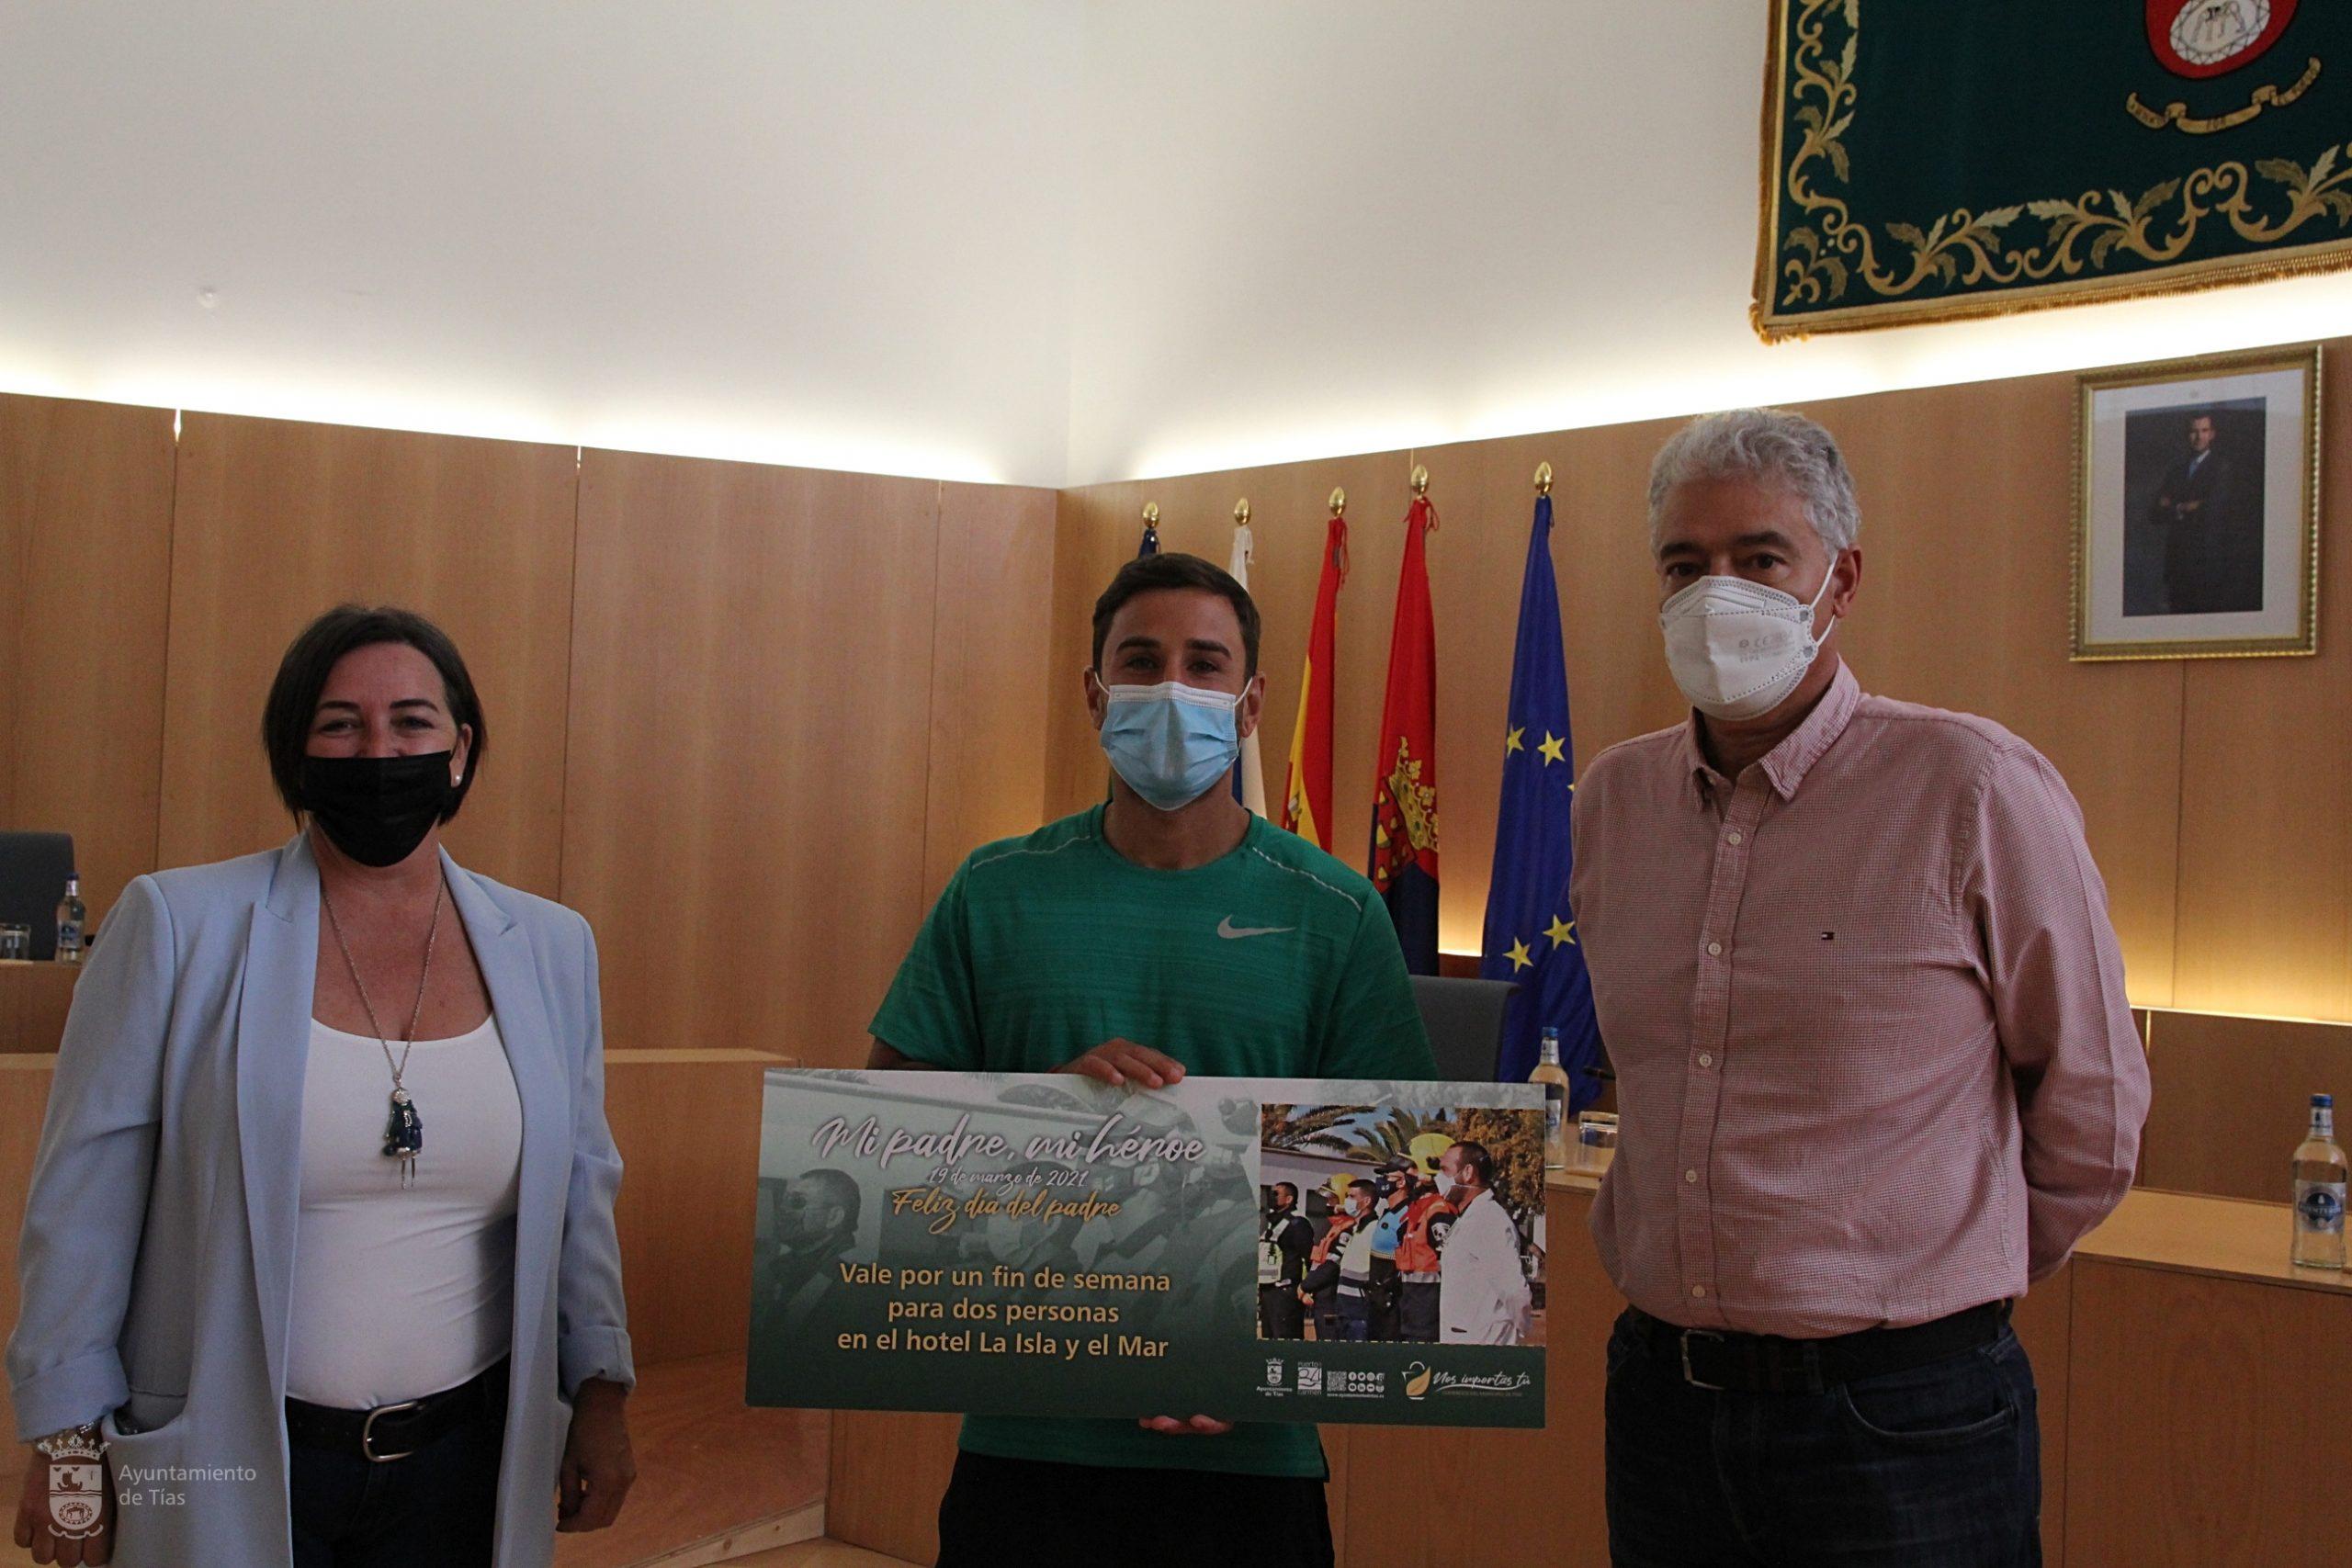 El Ayuntamiento de Tías entrega el premio de la campaña del Día del Padre a Javier Umpiérrez